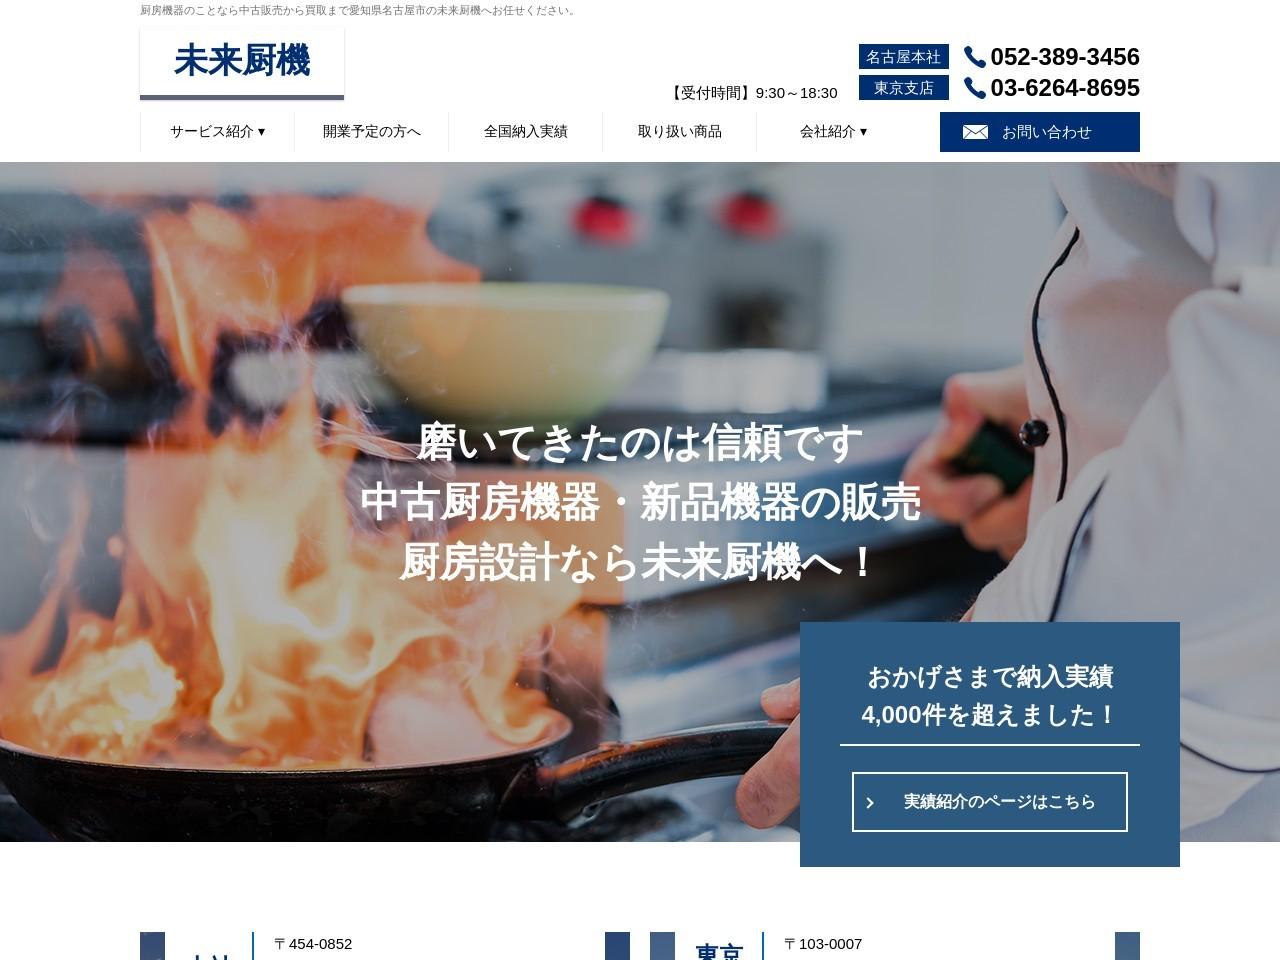 未来厨機|厨房機器のことなら中古から買取販売まで名古屋の未来厨機へお任せください。